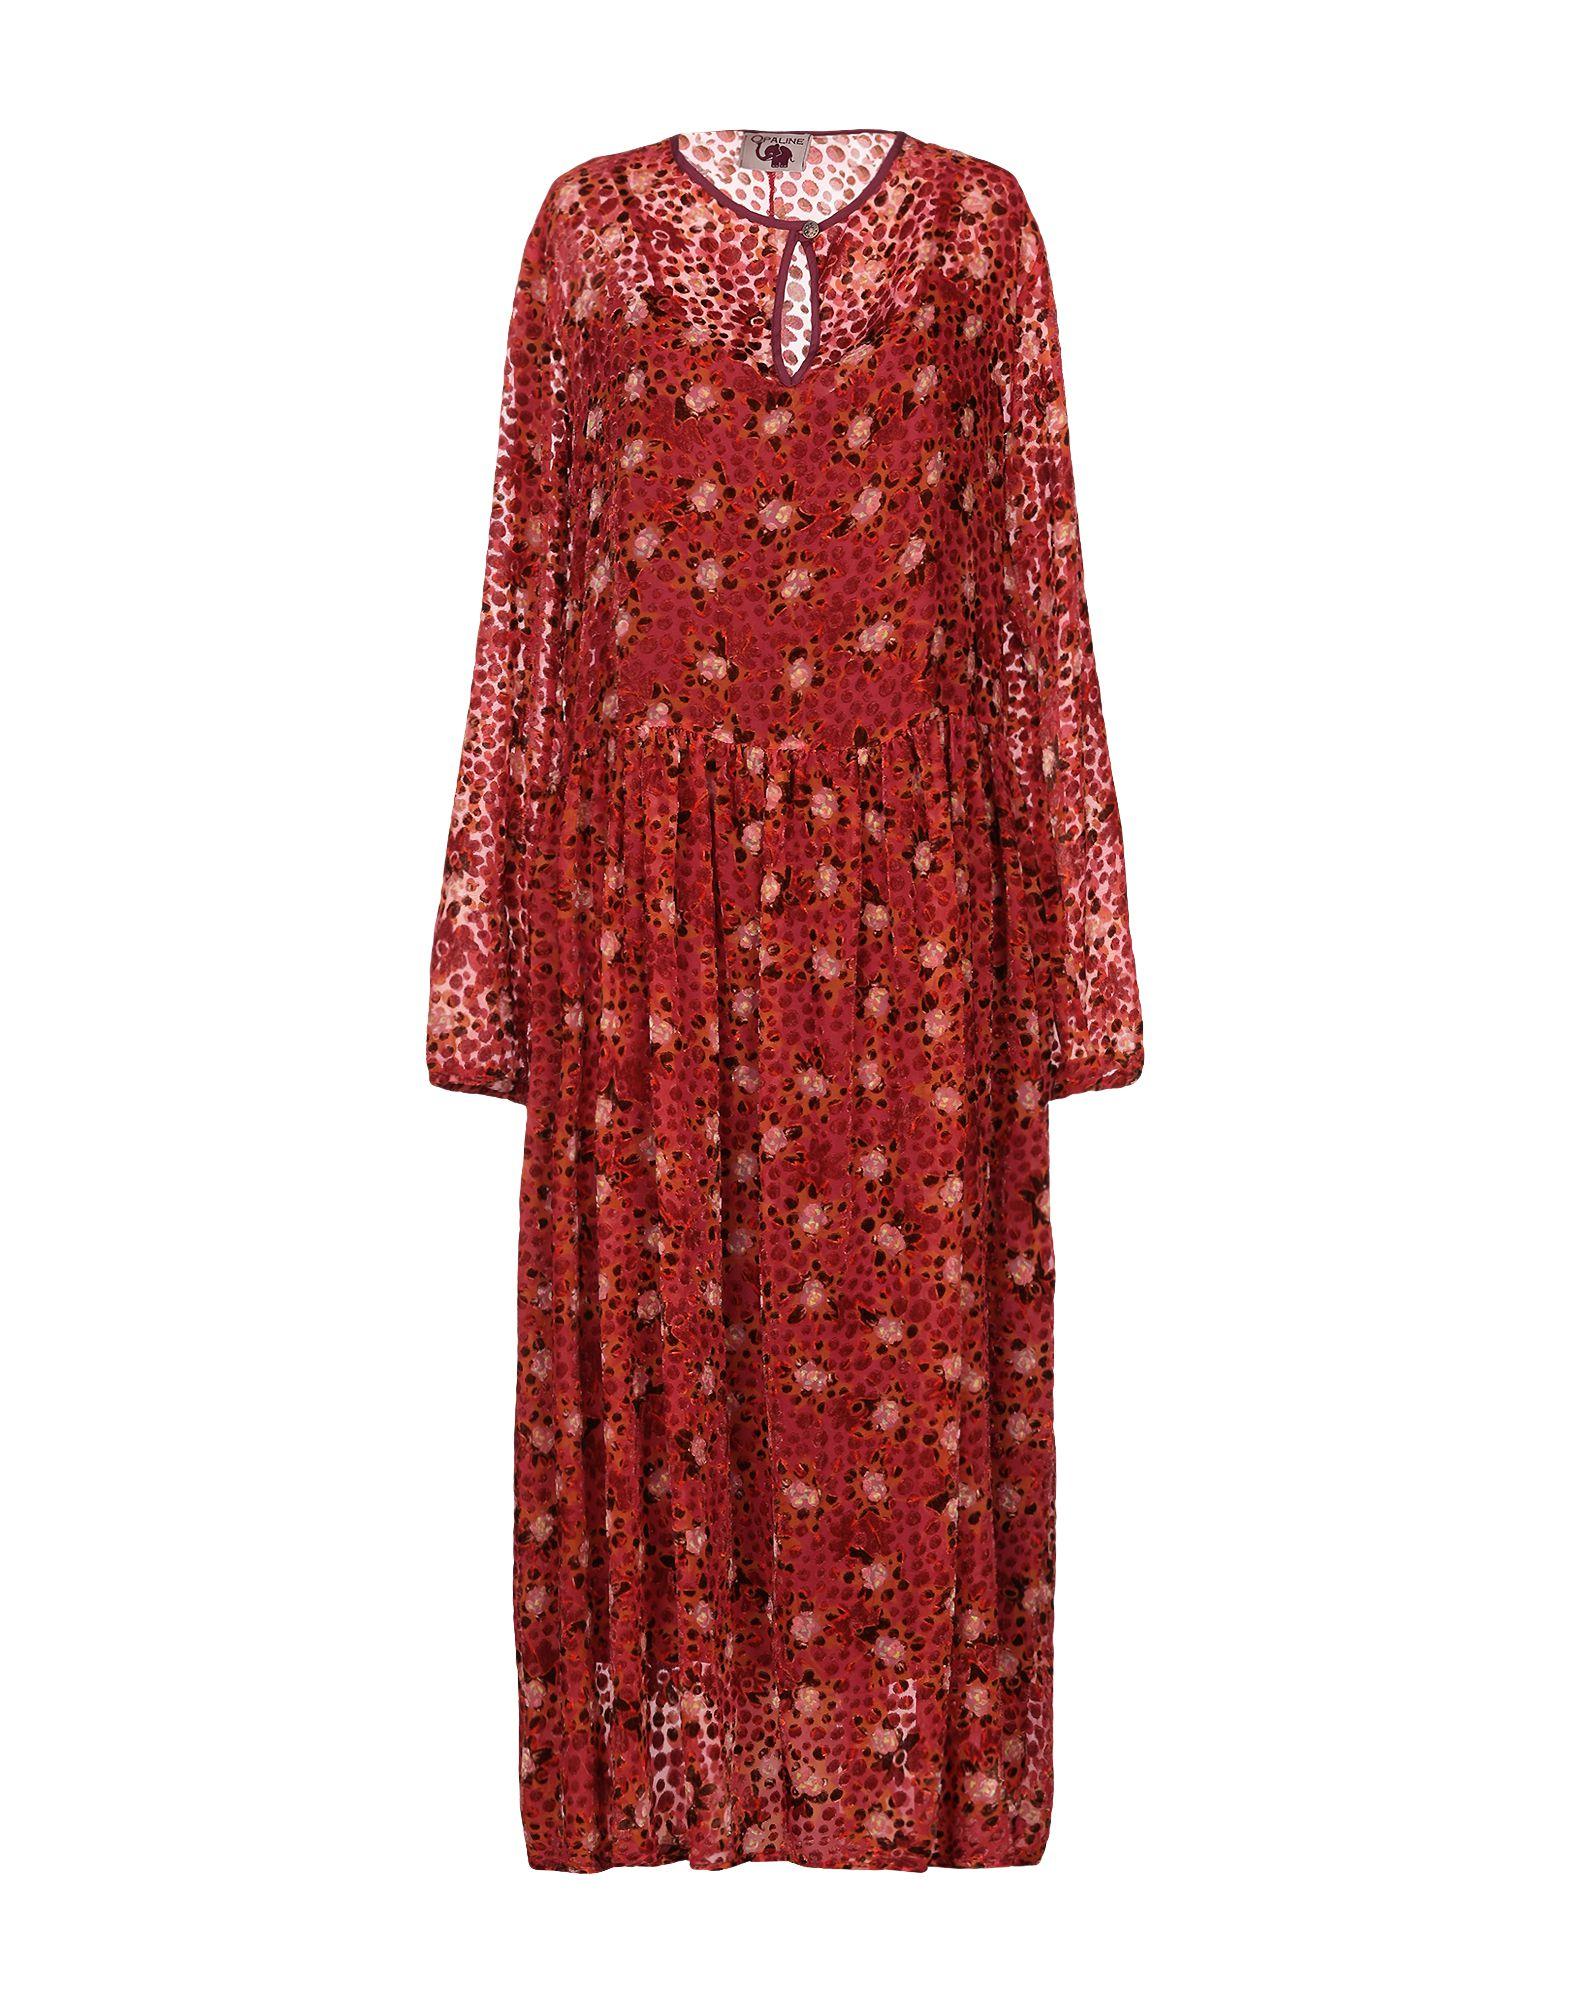 OPALINE Платье длиной 3/4